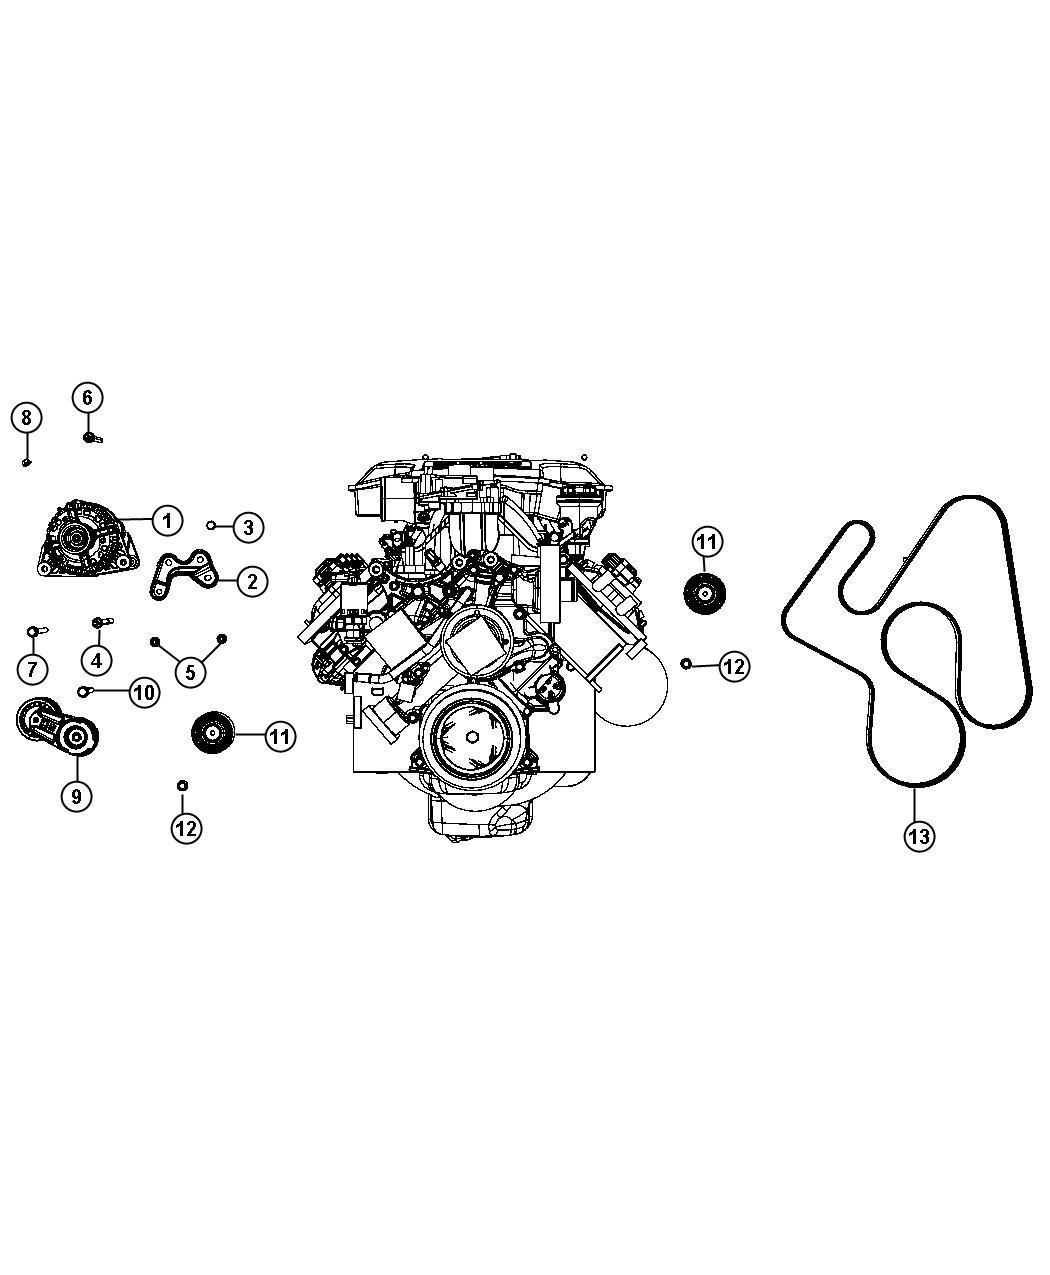 Dodge Ram Alternator Engine Bab